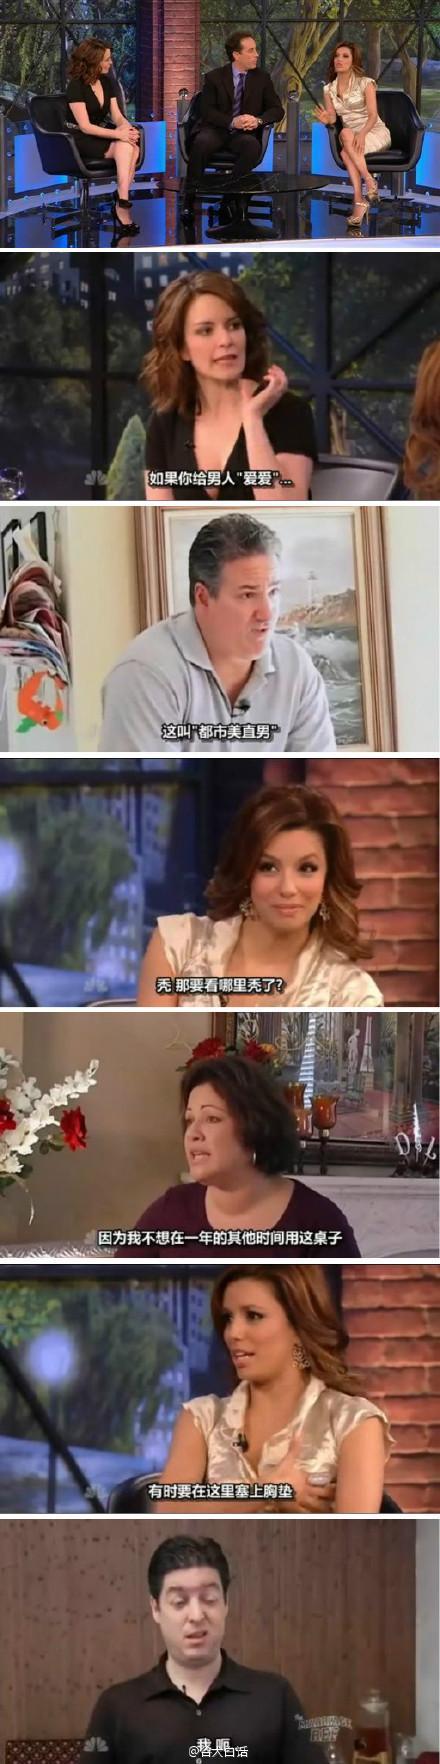 婚姻裁判 102 【本期嘉宾】Tina Fey,Eva Longoria,Jerry Seinfeld